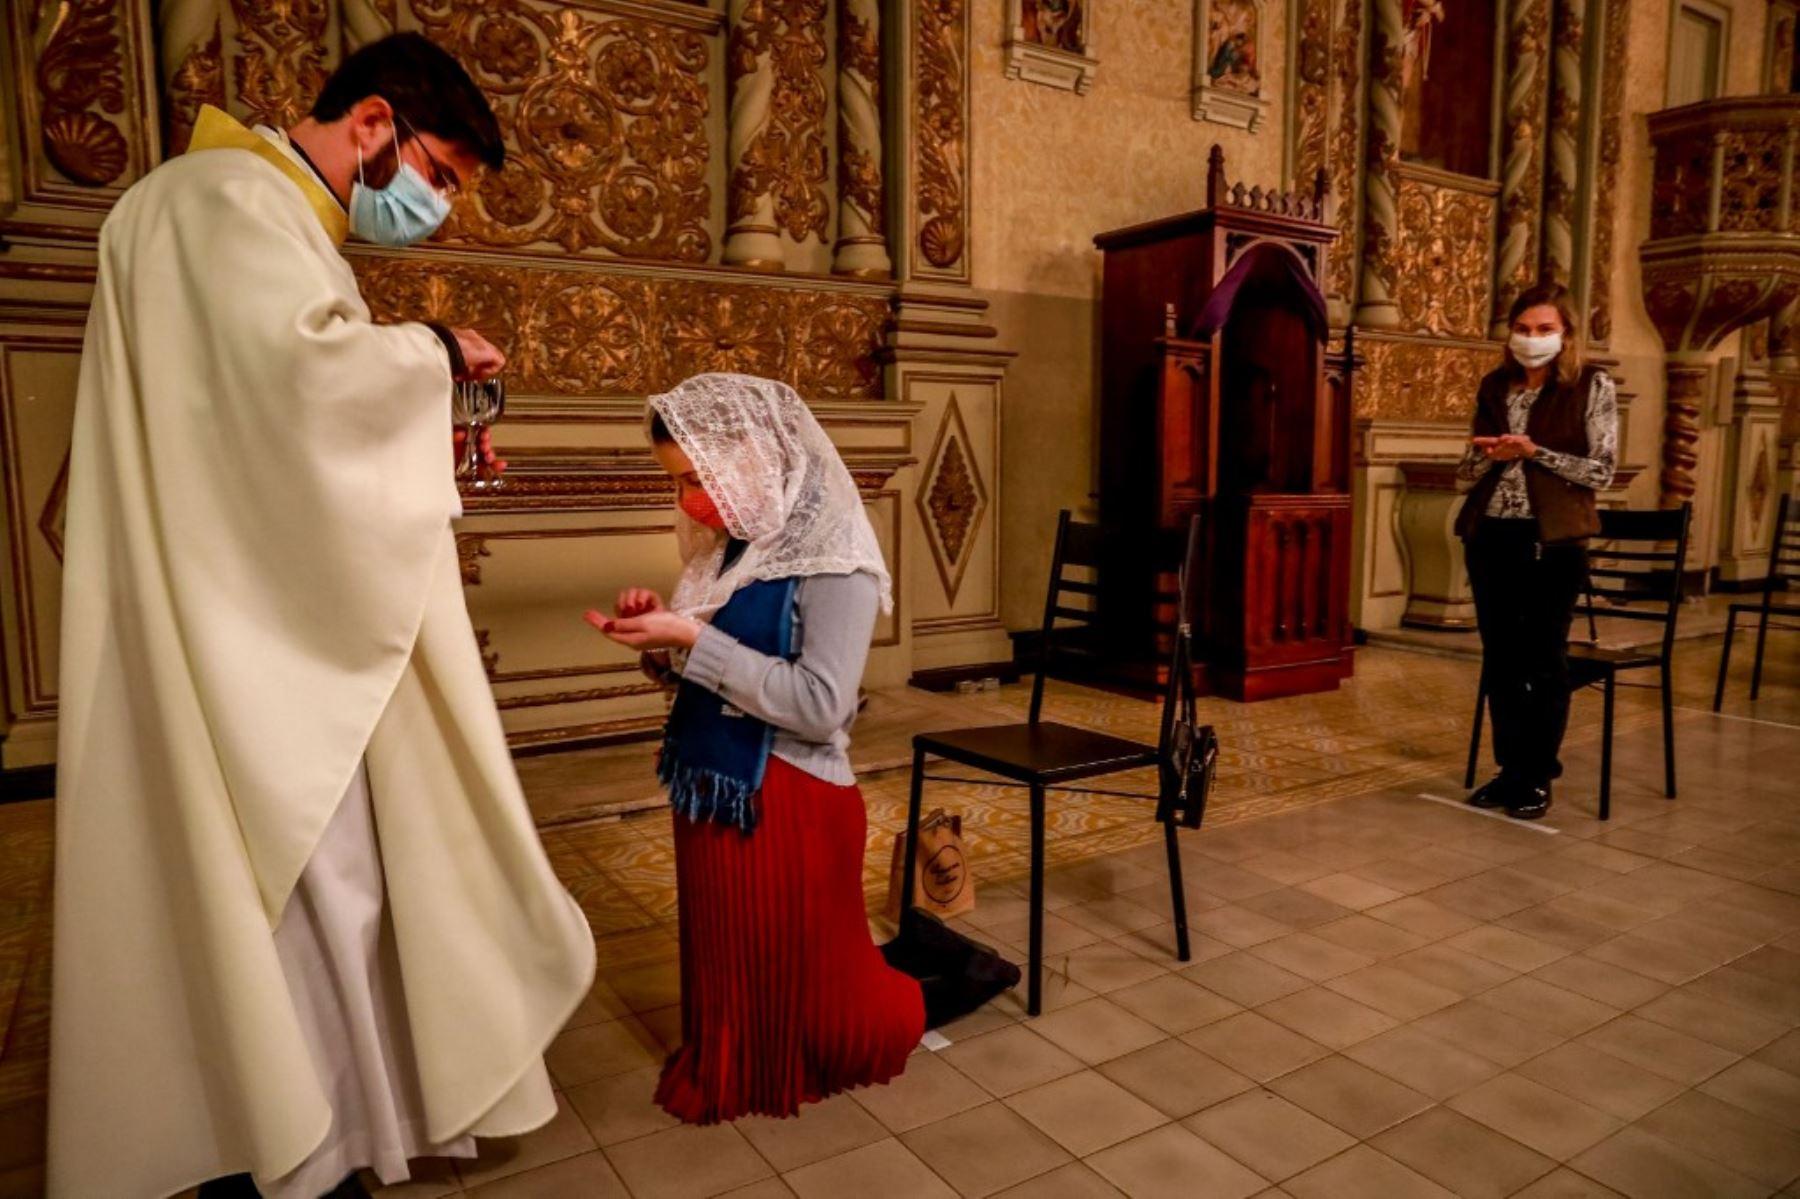 El sacerdote Lucas Mendes, con una máscara protectora, da la comunión a una  mujer durante la misa en la iglesia Nossa Senhora das Dores en Porto Alegre, en el sur de Brasil. Foto: AFP